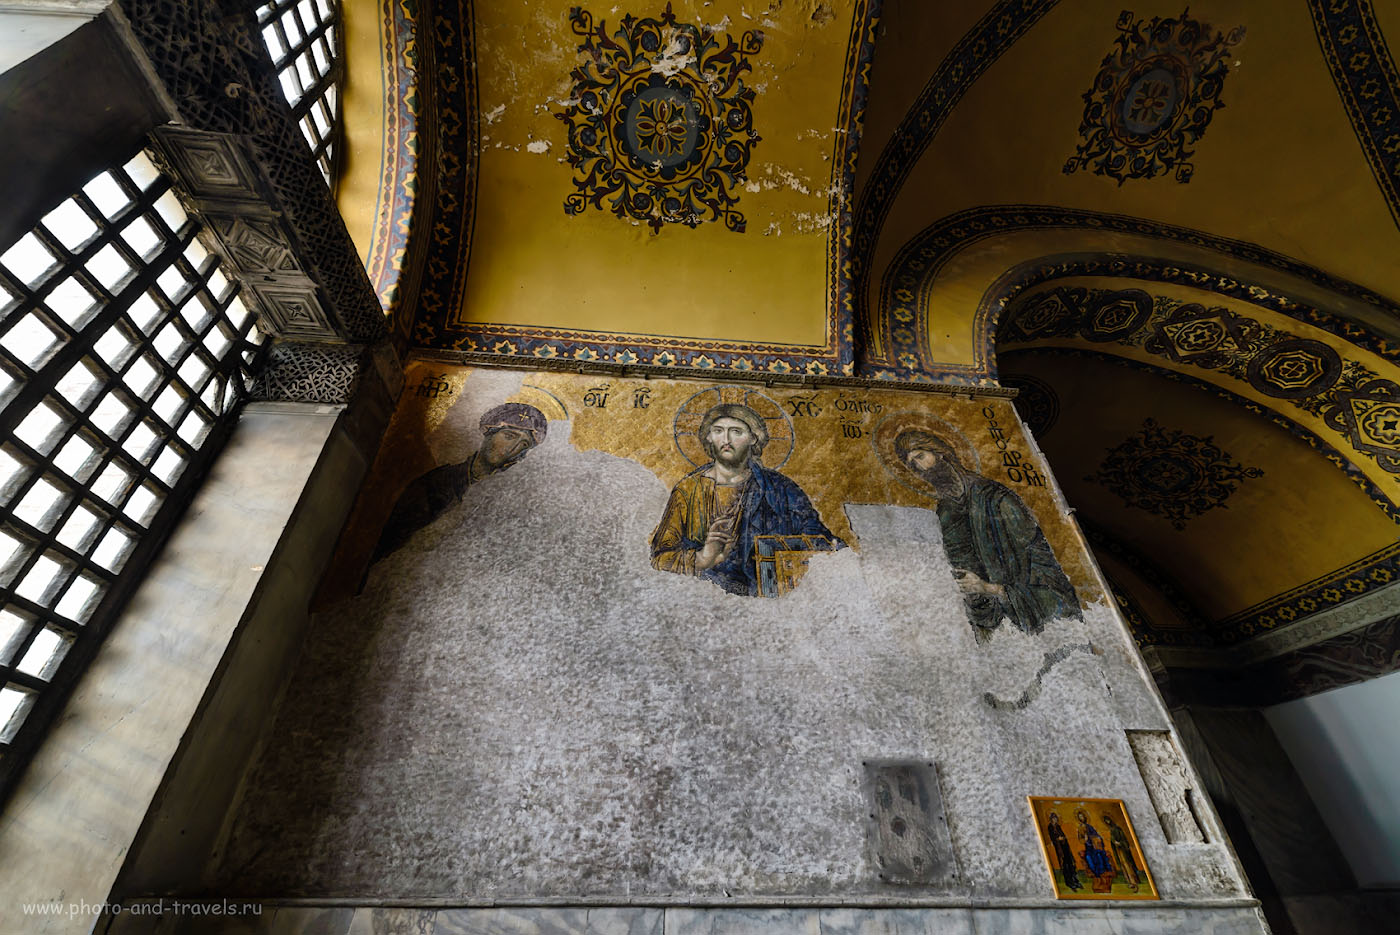 Фото 27. Мозаика «Деисус» (Дева Мария, Иисус и Иоан Предтеча) в Айя-Софии. 1/50, -1.0, 5.6, 640, 14.